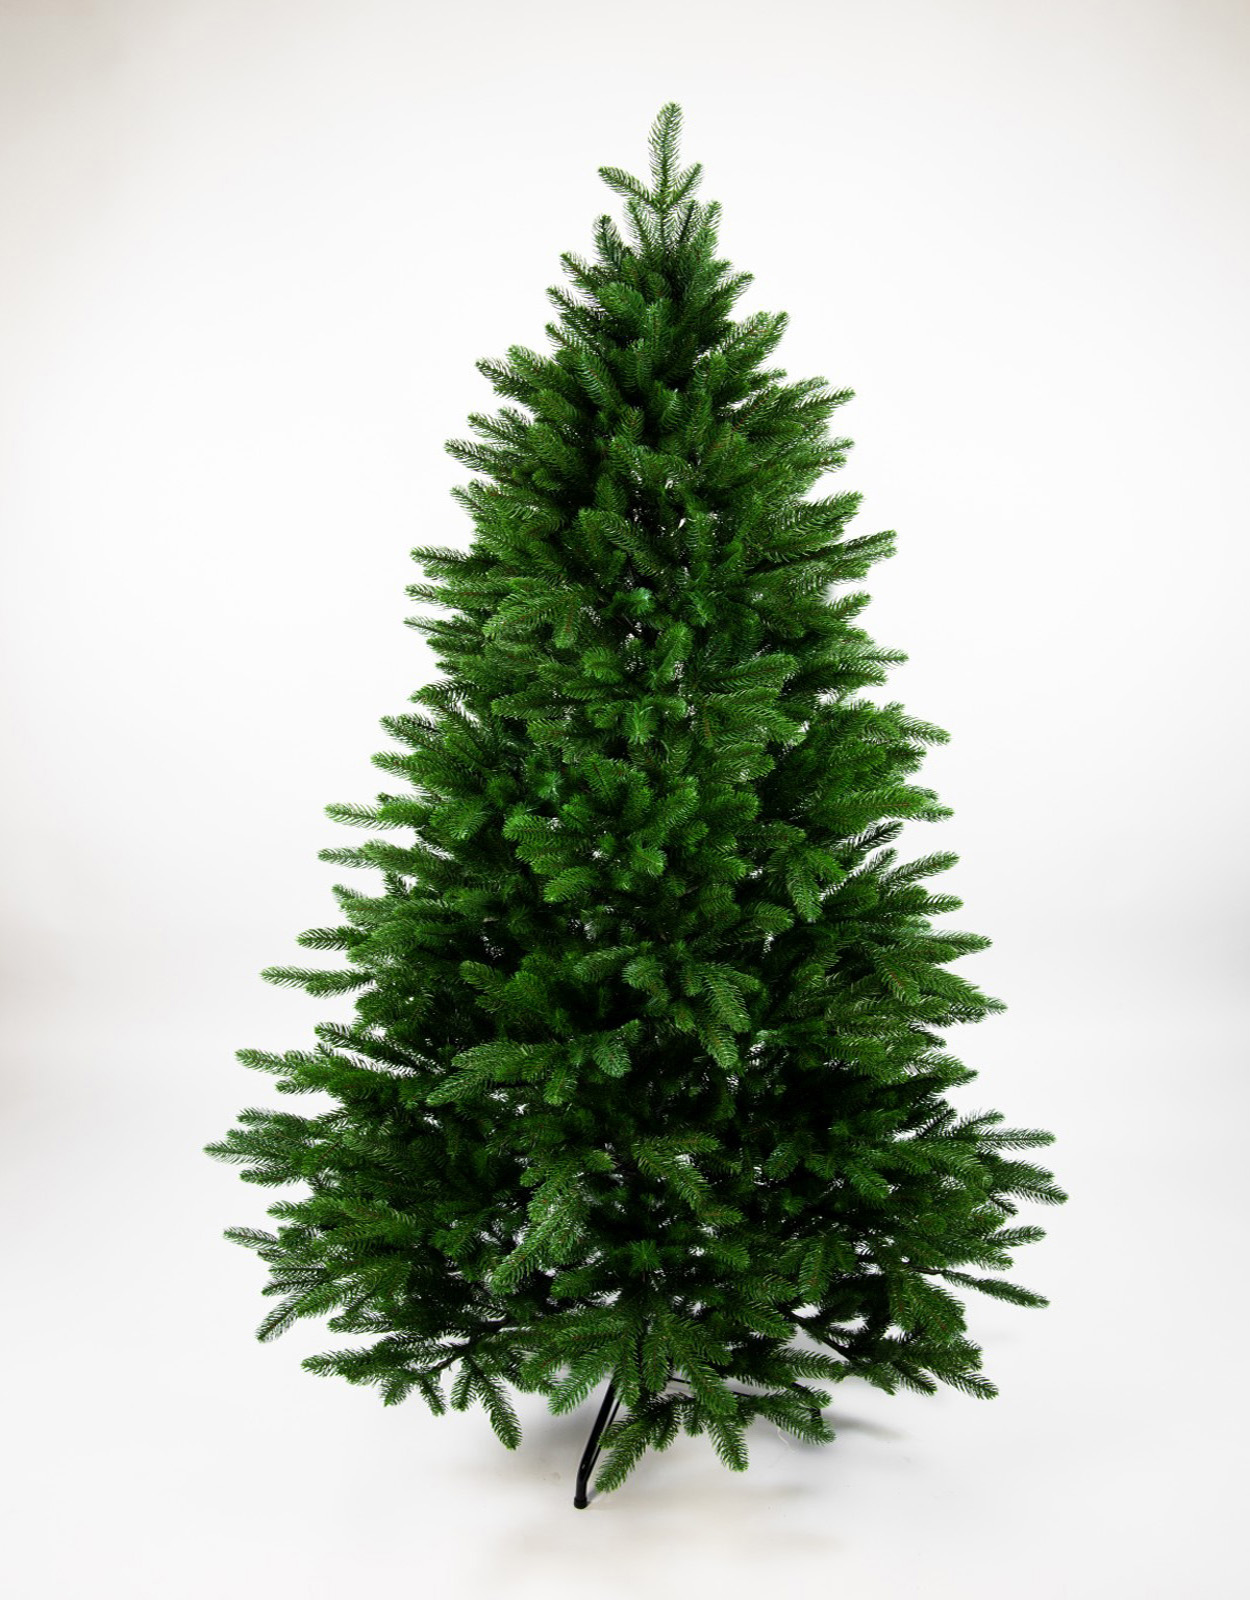 nordmanntanne 210cm k nstlicher weihnachtsbaum tannenbaum. Black Bedroom Furniture Sets. Home Design Ideas